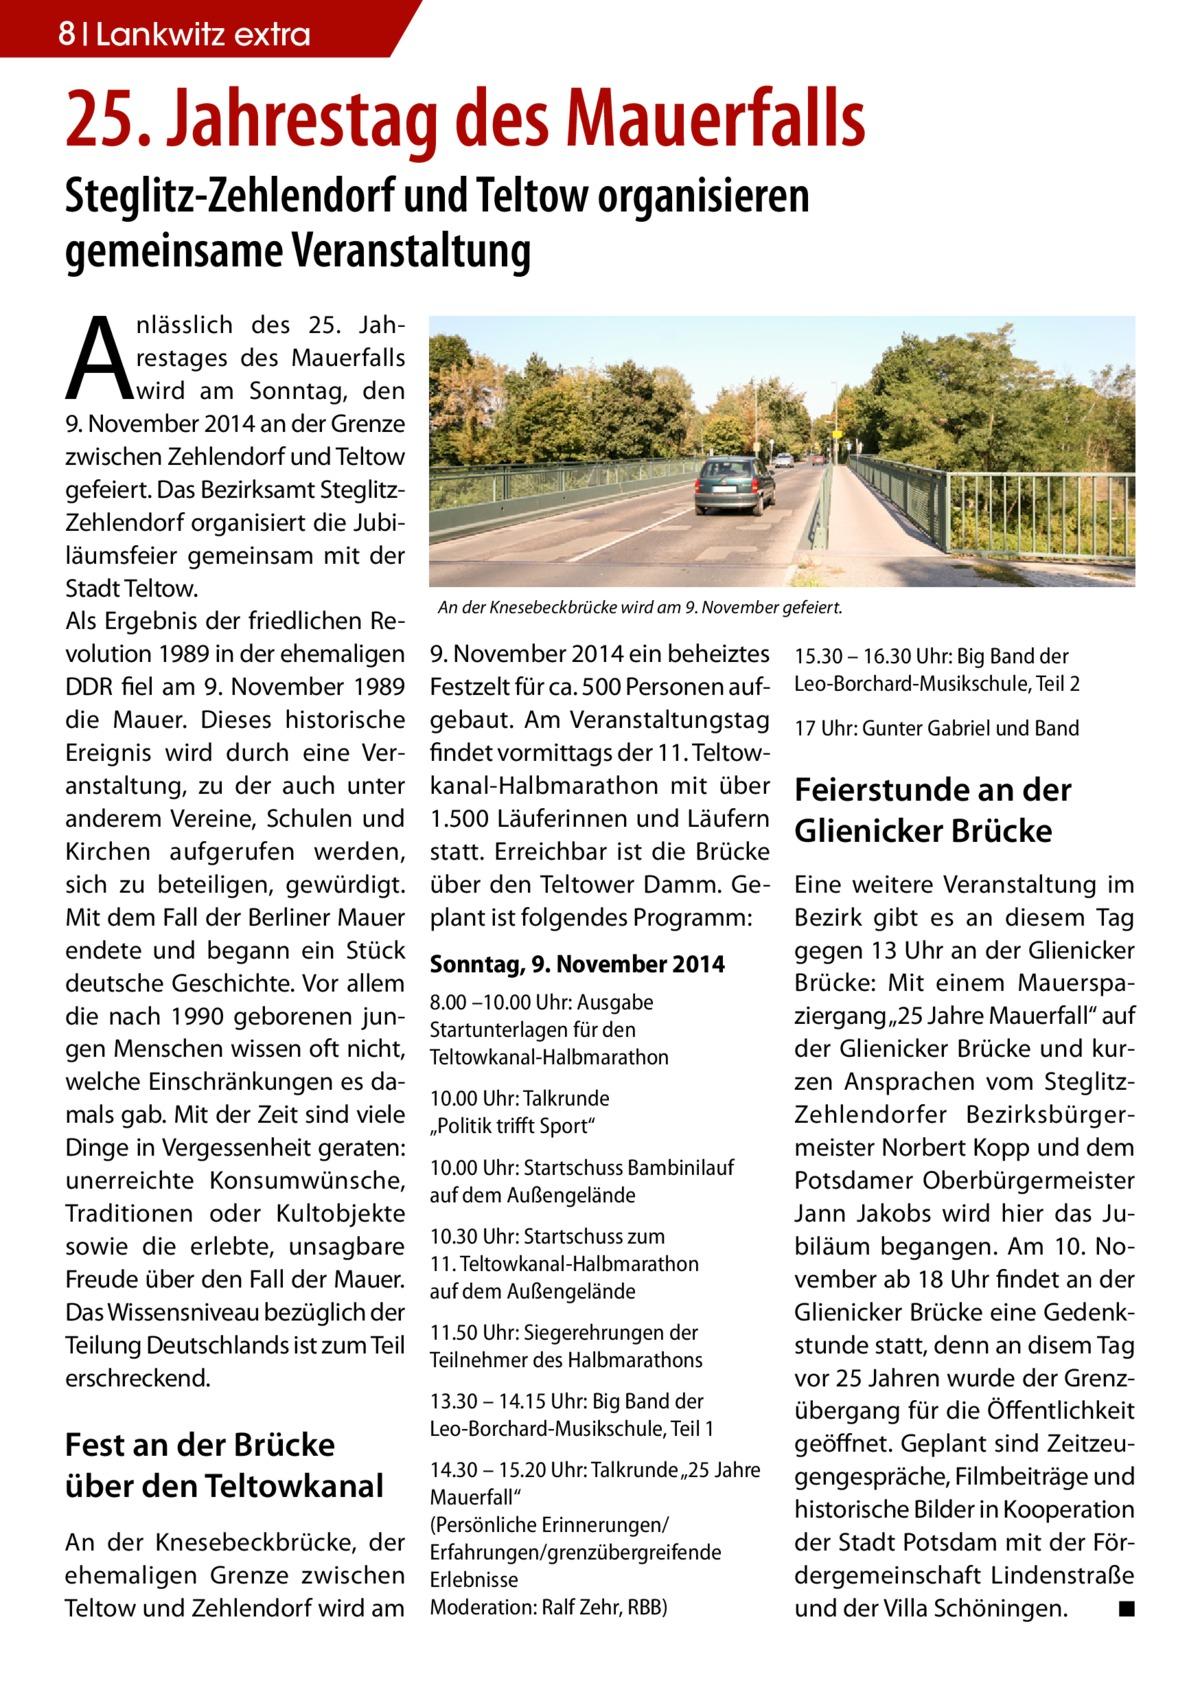 """8 Lankwitz extra  25. Jahrestag des Mauerfalls Steglitz-Zehlendorf und Teltow organisieren gemeinsame Veranstaltung  A  nlässlich des 25. Jahrestages des Mauerfalls wird am Sonntag, den 9.November 2014 an der Grenze zwischen Zehlendorf und Teltow gefeiert. Das Bezirksamt SteglitzZehlendorf organisiert die Jubiläumsfeier gemeinsam mit der Stadt Teltow. Als Ergebnis der friedlichen Revolution 1989 in der ehemaligen DDR fiel am 9. November 1989 die Mauer. Dieses historische Ereignis wird durch eine Veranstaltung, zu der auch unter anderem Vereine, Schulen und Kirchen aufgerufen werden, sich zu beteiligen, gewürdigt. Mit dem Fall der Berliner Mauer endete und begann ein Stück deutsche Geschichte. Vor allem die nach 1990 geborenen jungen Menschen wissen oft nicht, welche Einschränkungen es damals gab. Mit der Zeit sind viele Dinge in Vergessenheit geraten: unerreichte Konsumwünsche, Traditionen oder Kultobjekte sowie die erlebte, unsagbare Freude über den Fall der Mauer. Das Wissensniveau bezüglich der Teilung Deutschlands ist zum Teil erschreckend.  Fest an der Brücke über den Teltowkanal An der Knesebeckbrücke, der ehemaligen Grenze zwischen Teltow und Zehlendorf wird am  An der Knesebeckbrücke wird am 9. November gefeiert.  9.November 2014 ein beheiztes Festzelt für ca. 500 Personen aufgebaut. Am Veranstaltungstag findet vormittags der 11. Teltowkanal-Halbmarathon mit über 1.500 Läuferinnen und Läufern statt. Erreichbar ist die Brücke über den Teltower Damm. Geplant ist folgendes Programm: Sonntag, 9. November 2014 8.00 –10.00 Uhr: Ausgabe Startunterlagen für den Teltowkanal-Halbmarathon 10.00 Uhr: Talkrunde """"Politik trifft Sport"""" 10.00 Uhr: Startschuss Bambinilauf auf dem Außengelände 10.30 Uhr: Startschuss zum 11.Teltowkanal-Halbmarathon auf dem Außengelände 11.50 Uhr: Siegerehrungen der Teilnehmer des Halbmarathons 13.30 – 14.15 Uhr: Big Band der Leo-Borchard-Musikschule, Teil 1 14.30 – 15.20 Uhr: Talkrunde """"25 Jahre Mauerfall"""" (Persönliche Erinnerungen/ Erfahrunge"""